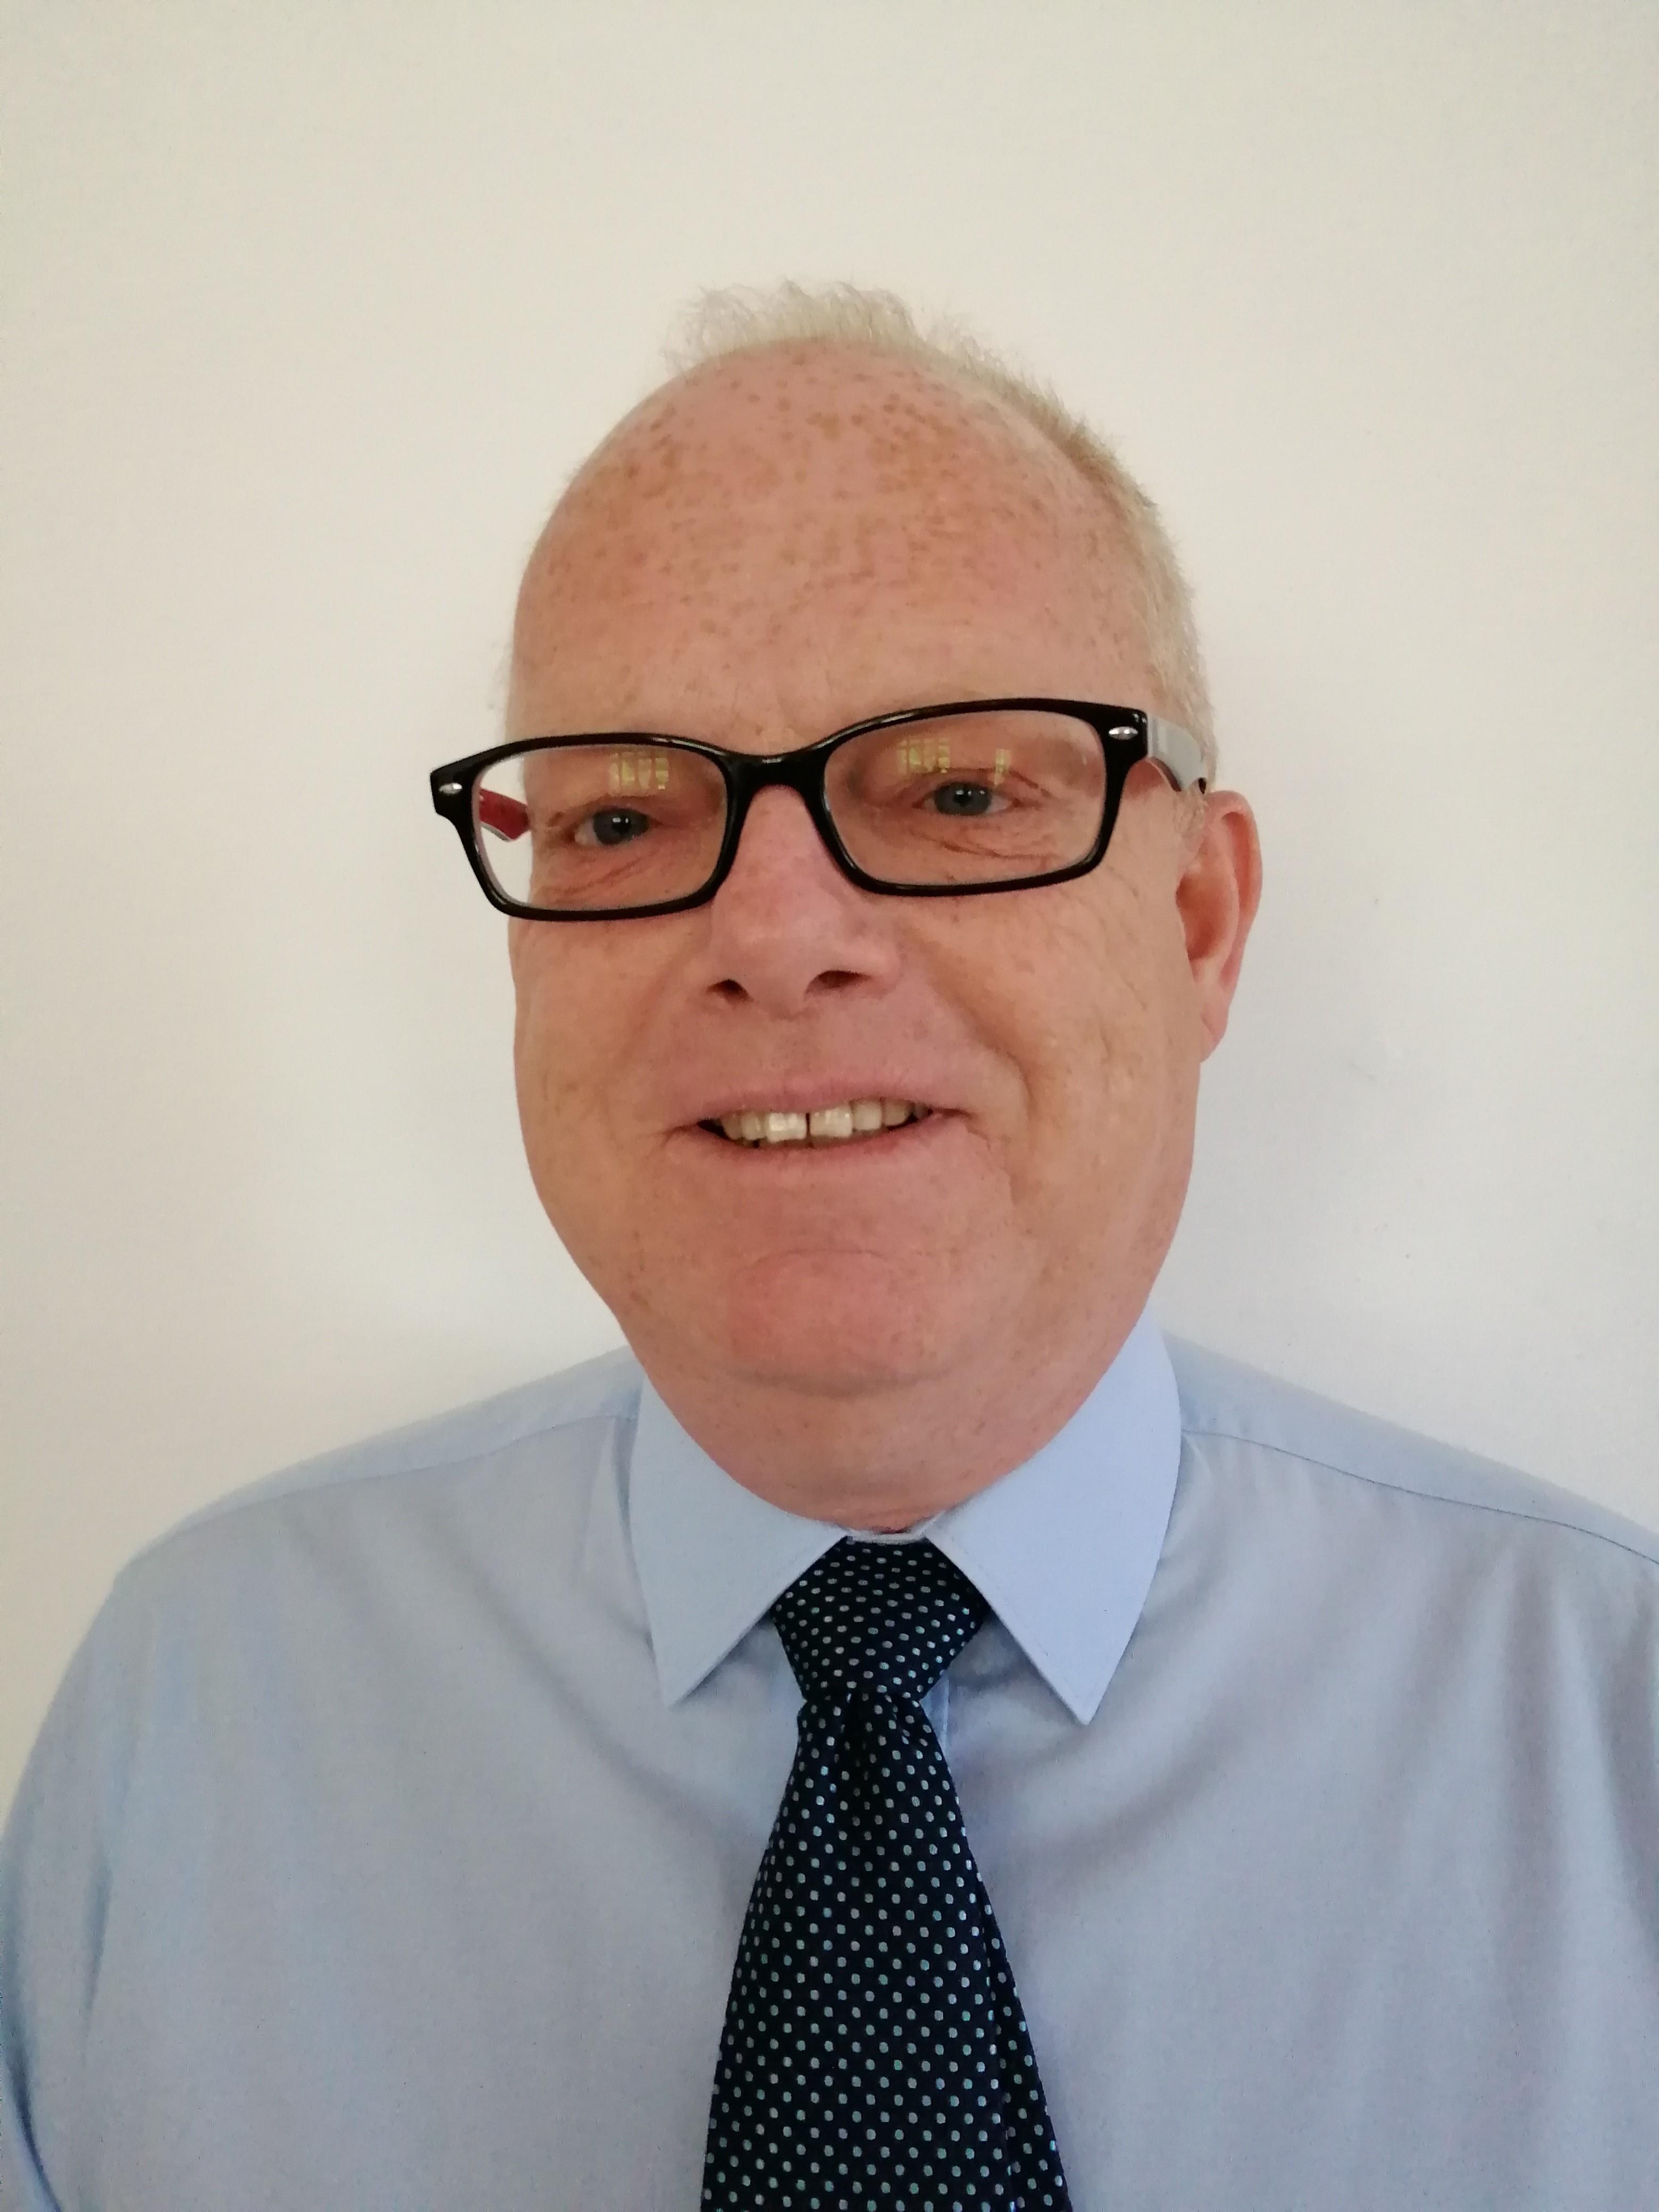 Craig Acklam